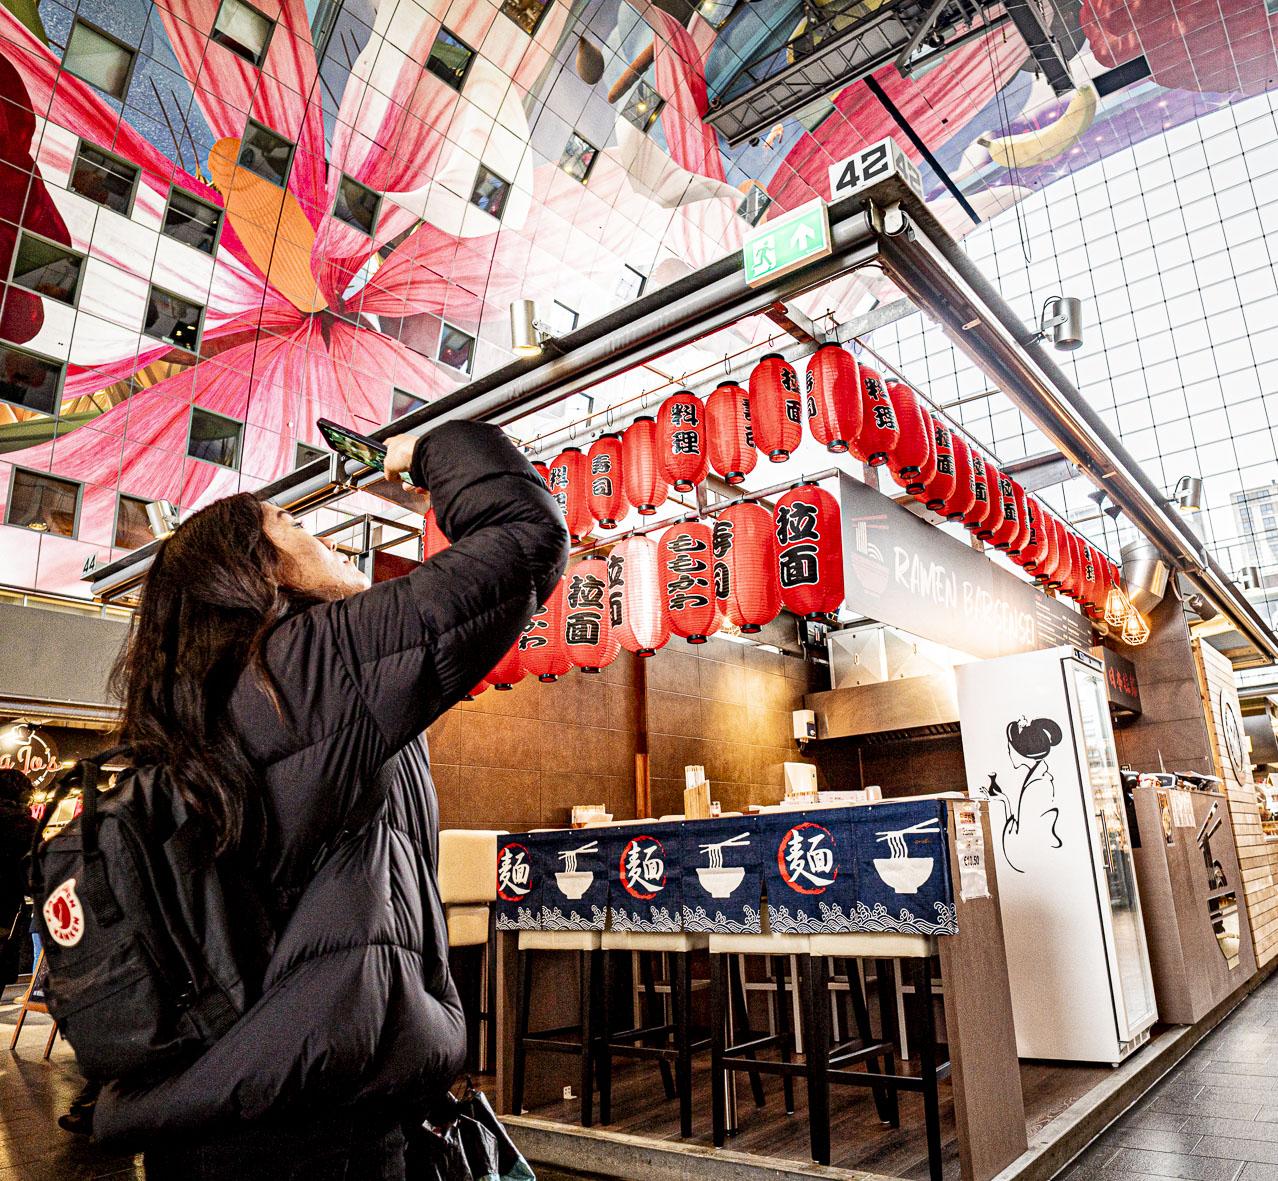 Rotterdam Market Hall asian visitor  ©martin_schitto @fotomartsch